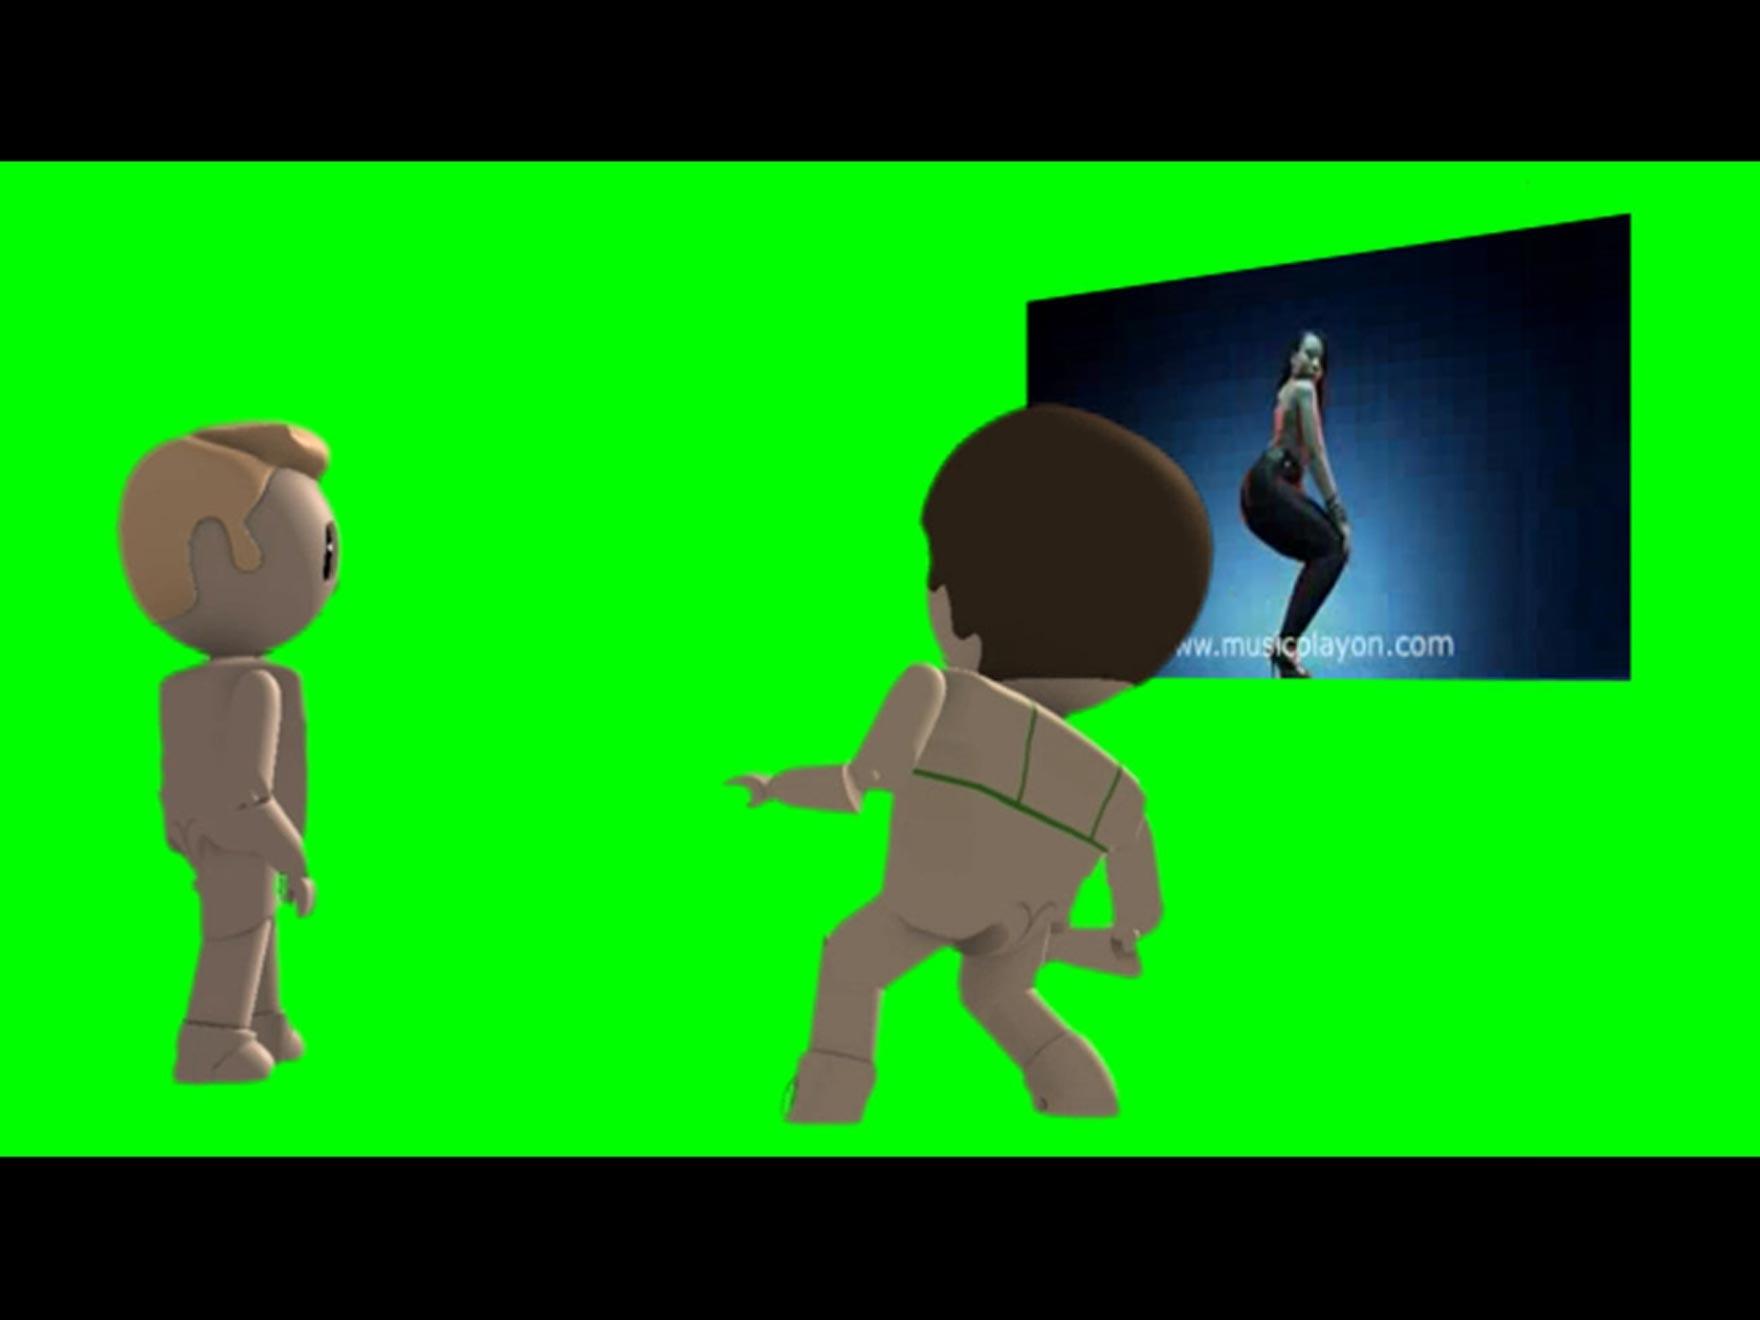 Screenshot of two animated figures